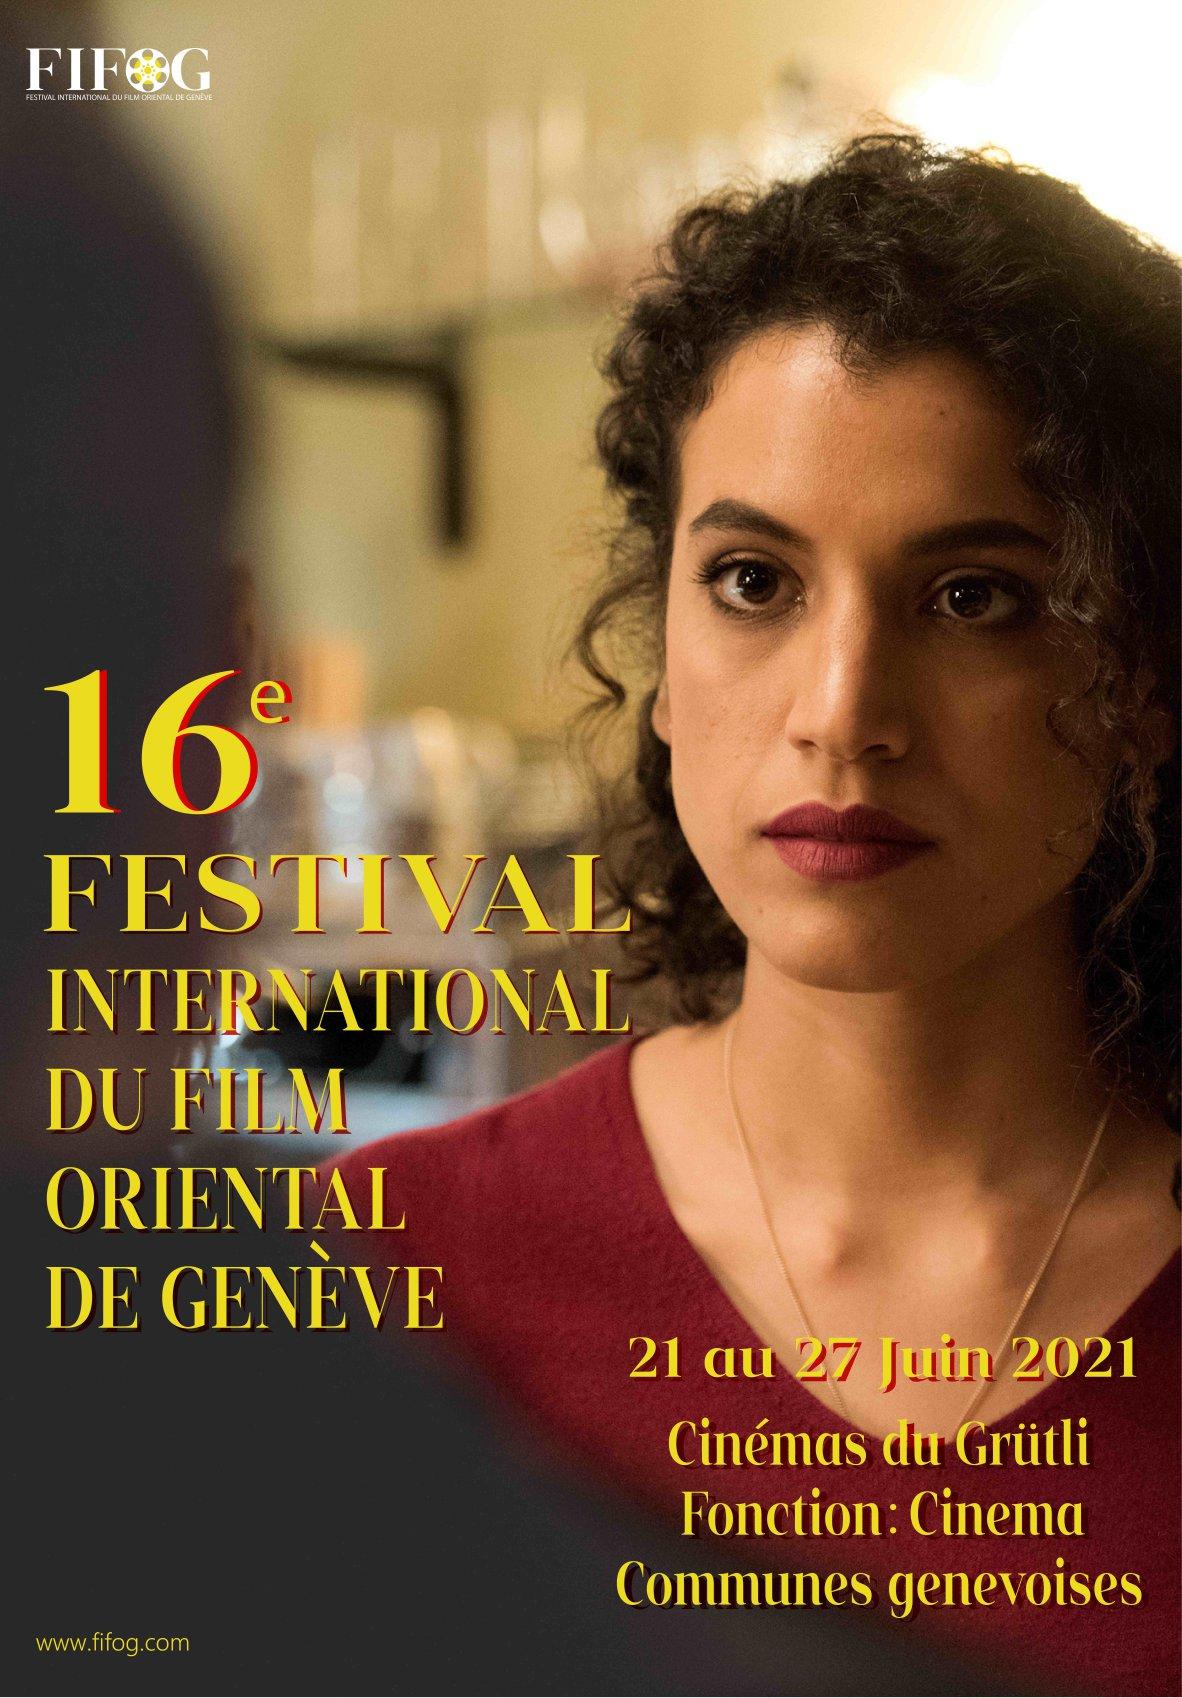 من فيسبوك مهرجان FIFOG